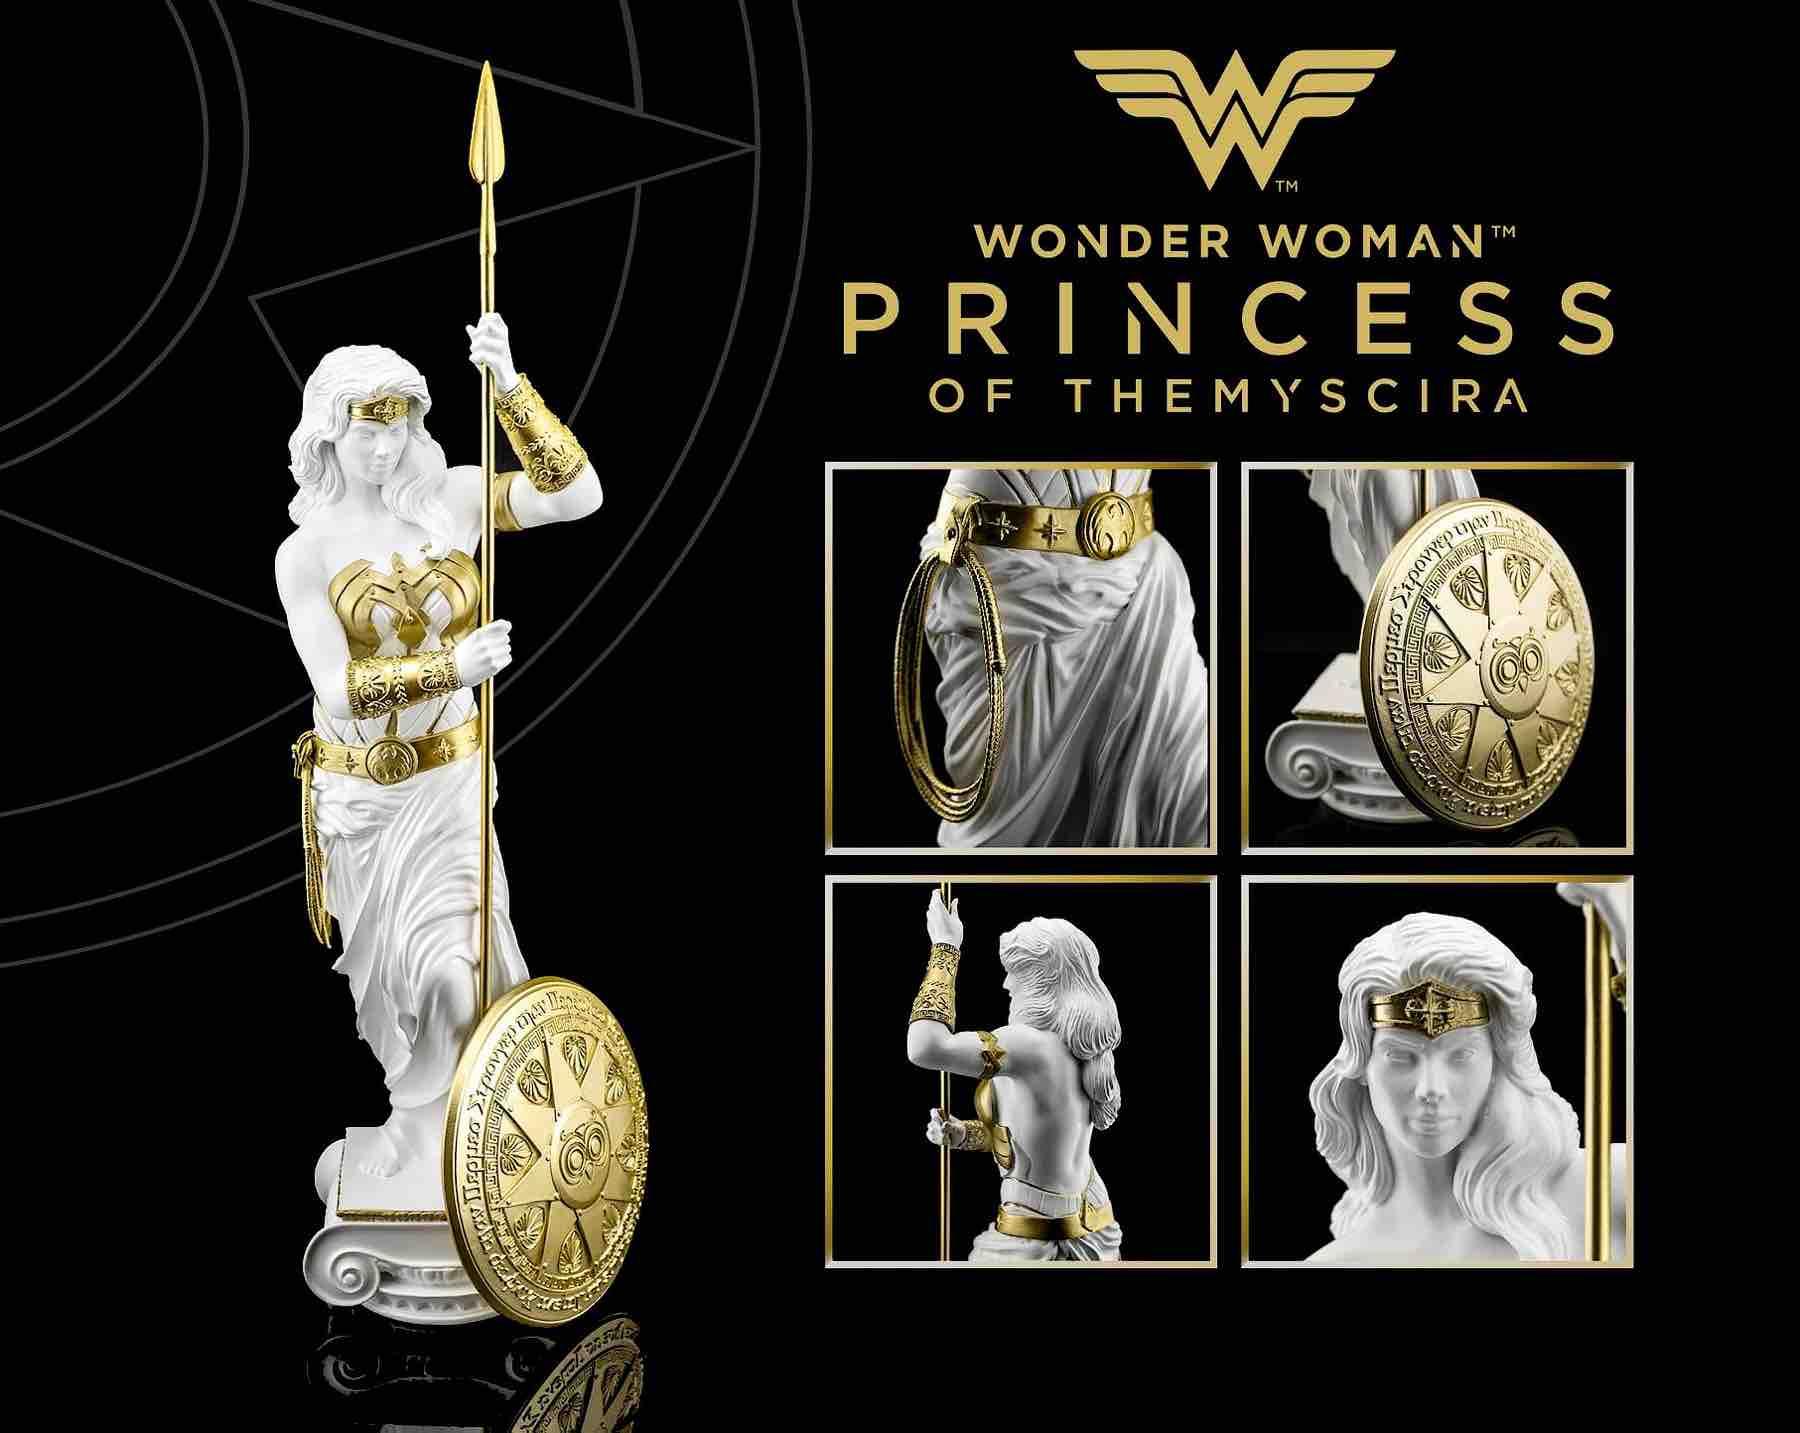 wonder-woman-princess-of-themyscira-statue